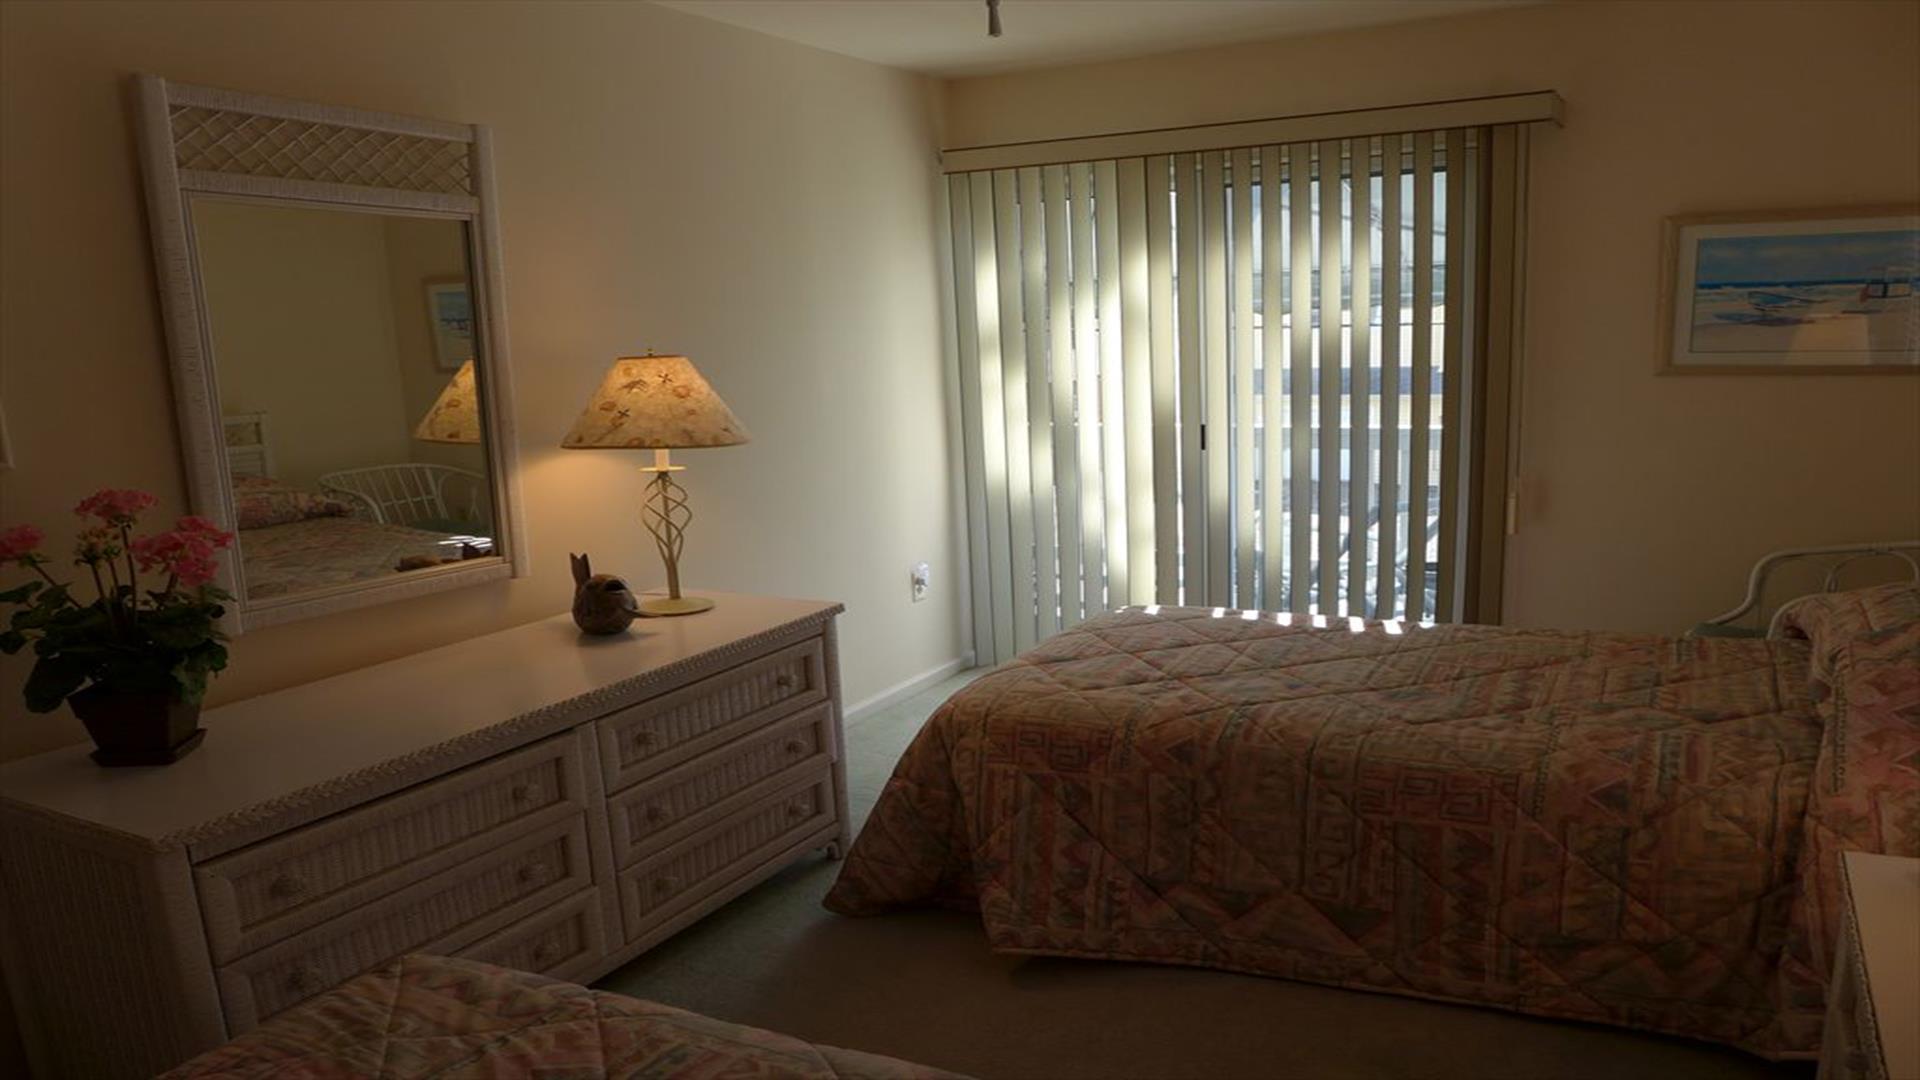 Vacation Rentals Ocean City 2027 Asbury Avenue